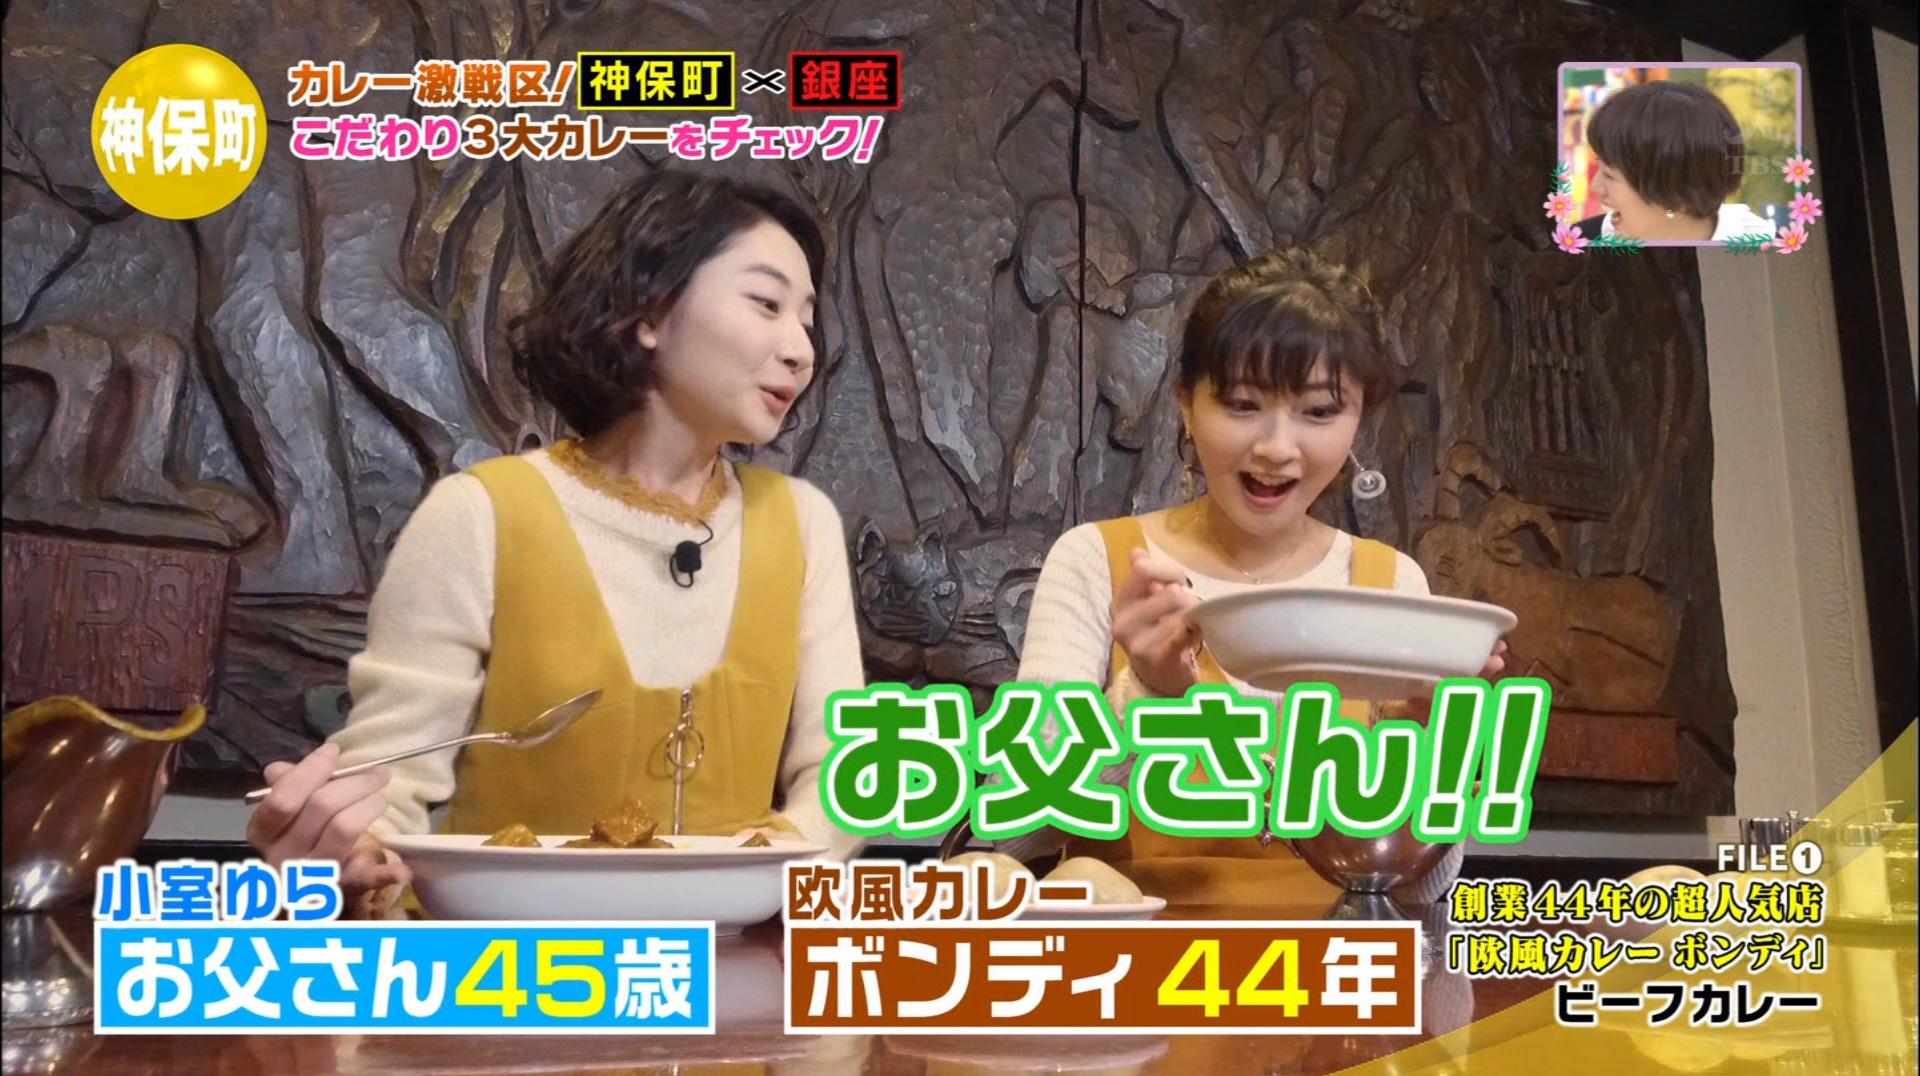 熊井友理奈さんのお尻9